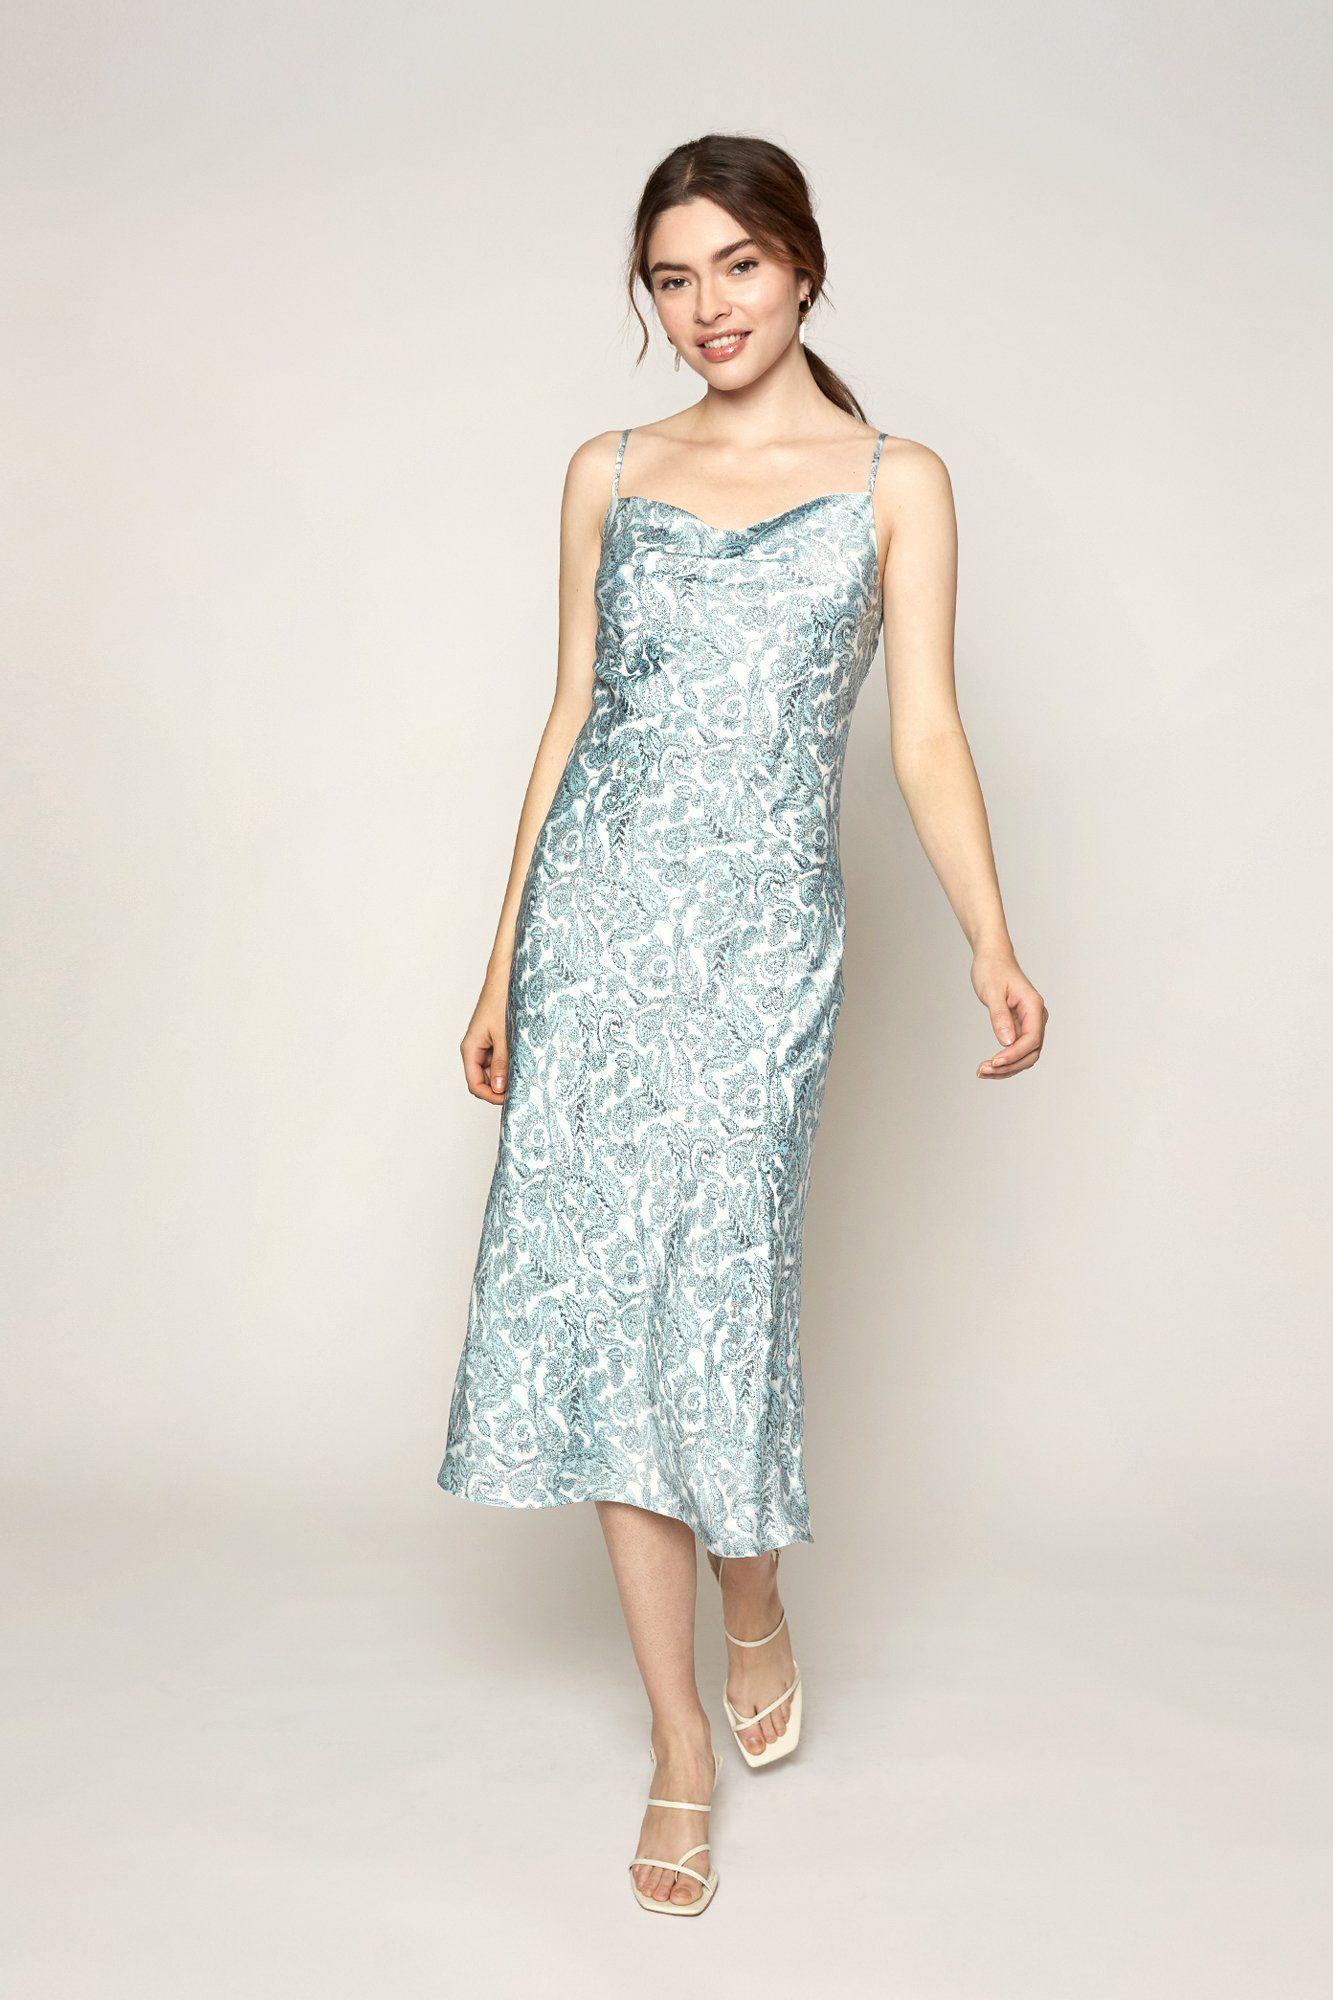 Paisley Slip Dress In 2020 Mid Thigh Dress Dresses Slip Dress